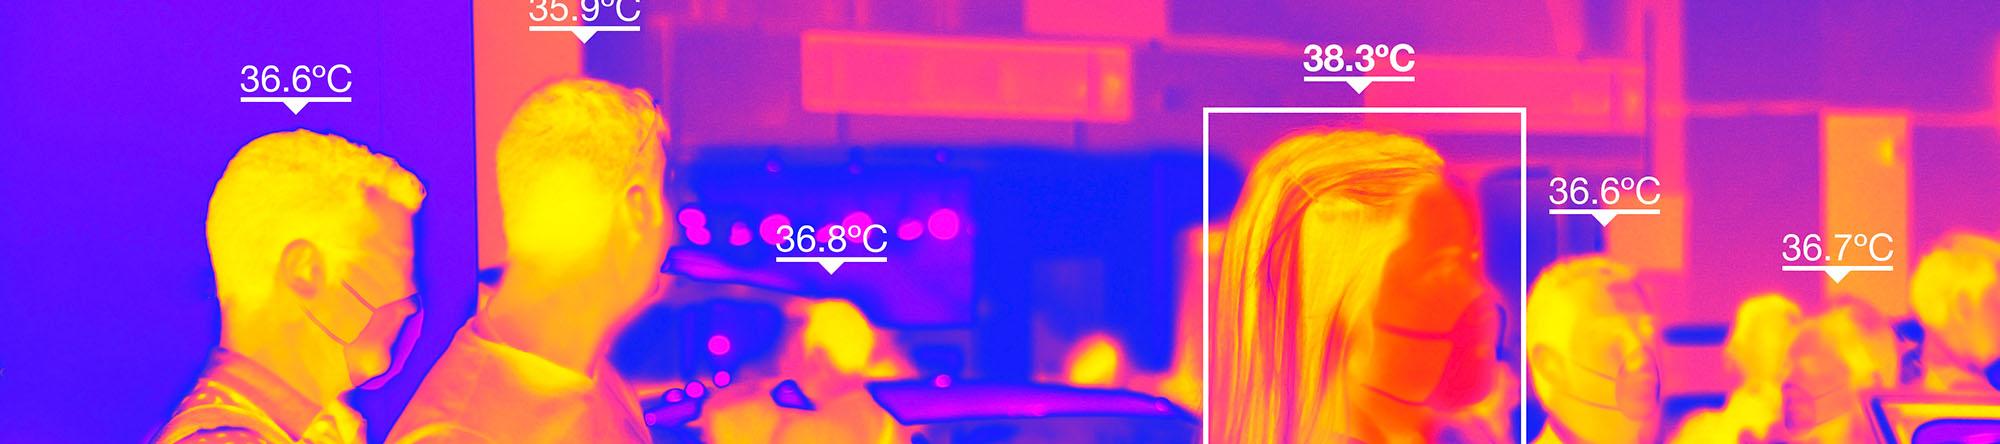 Thermal Temperature Screen